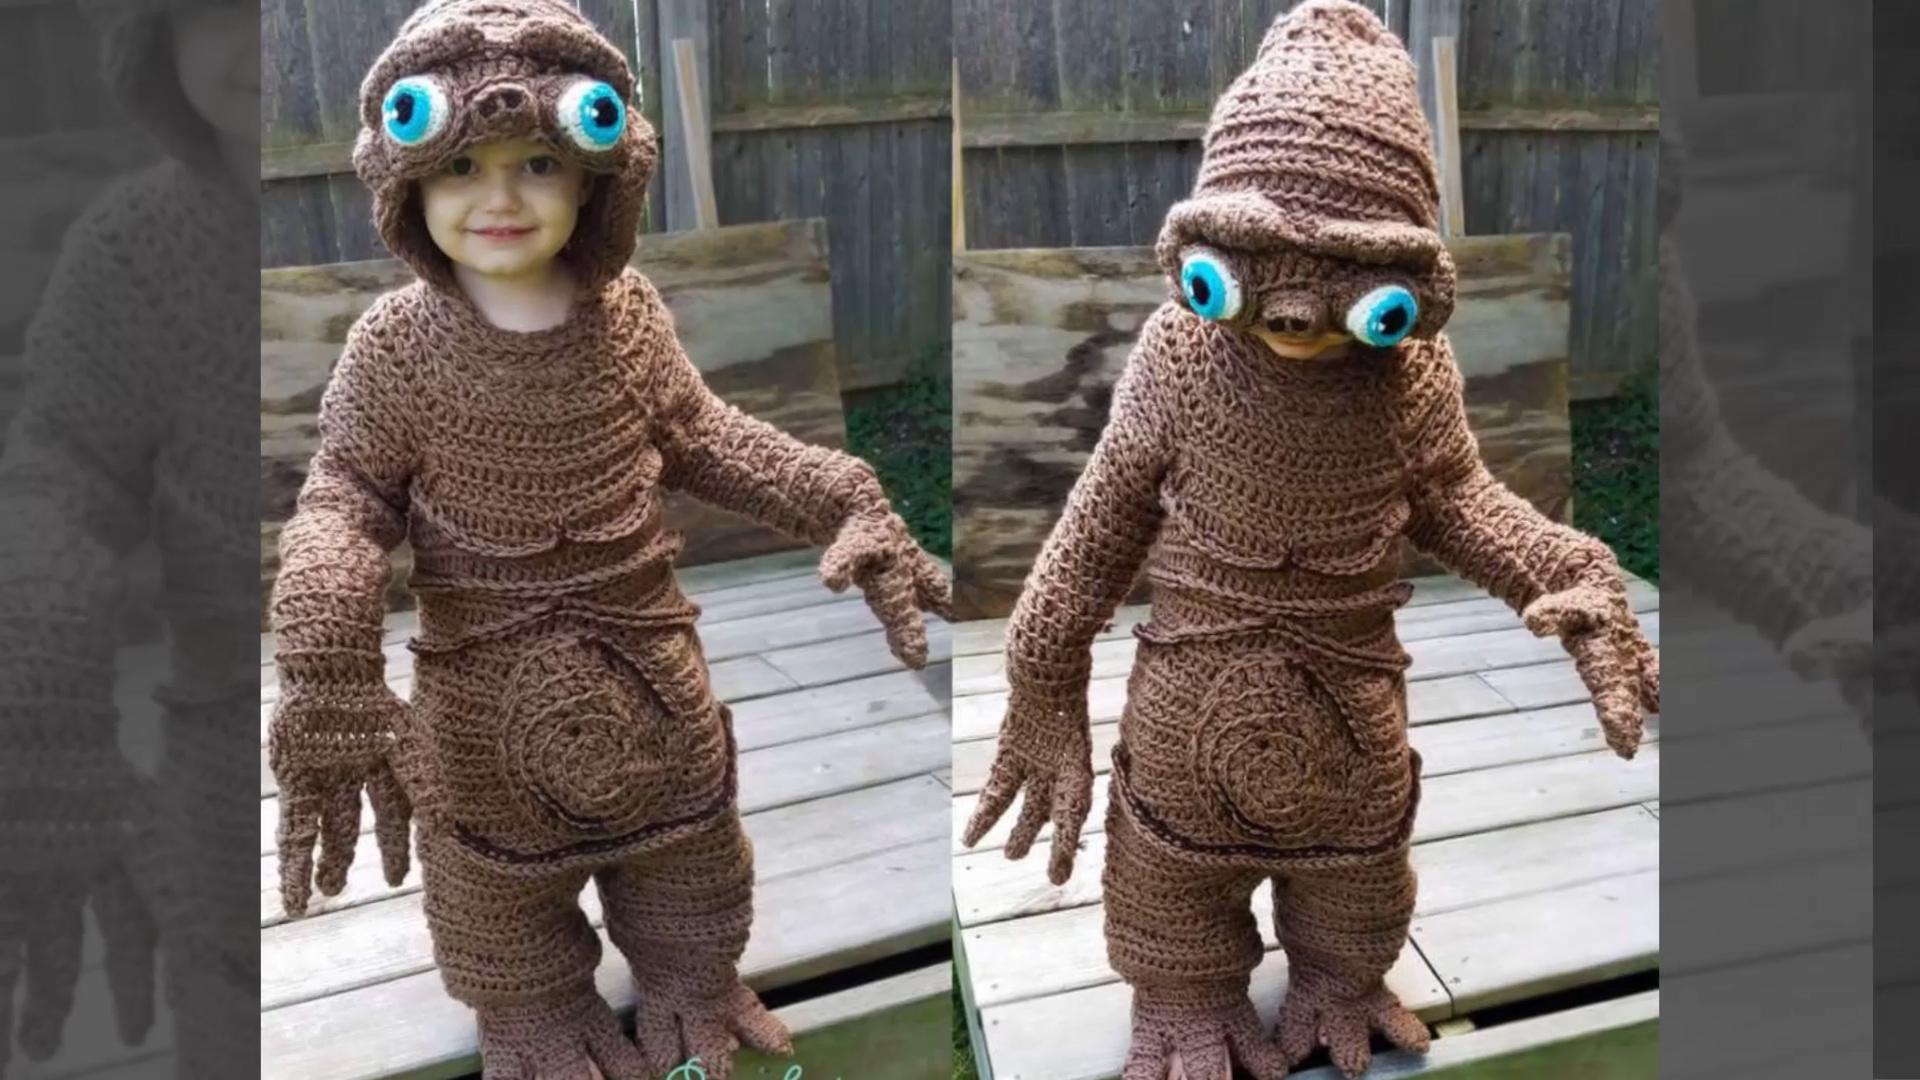 Les costumes d'Halloween faits maison de cette mère sont fous!